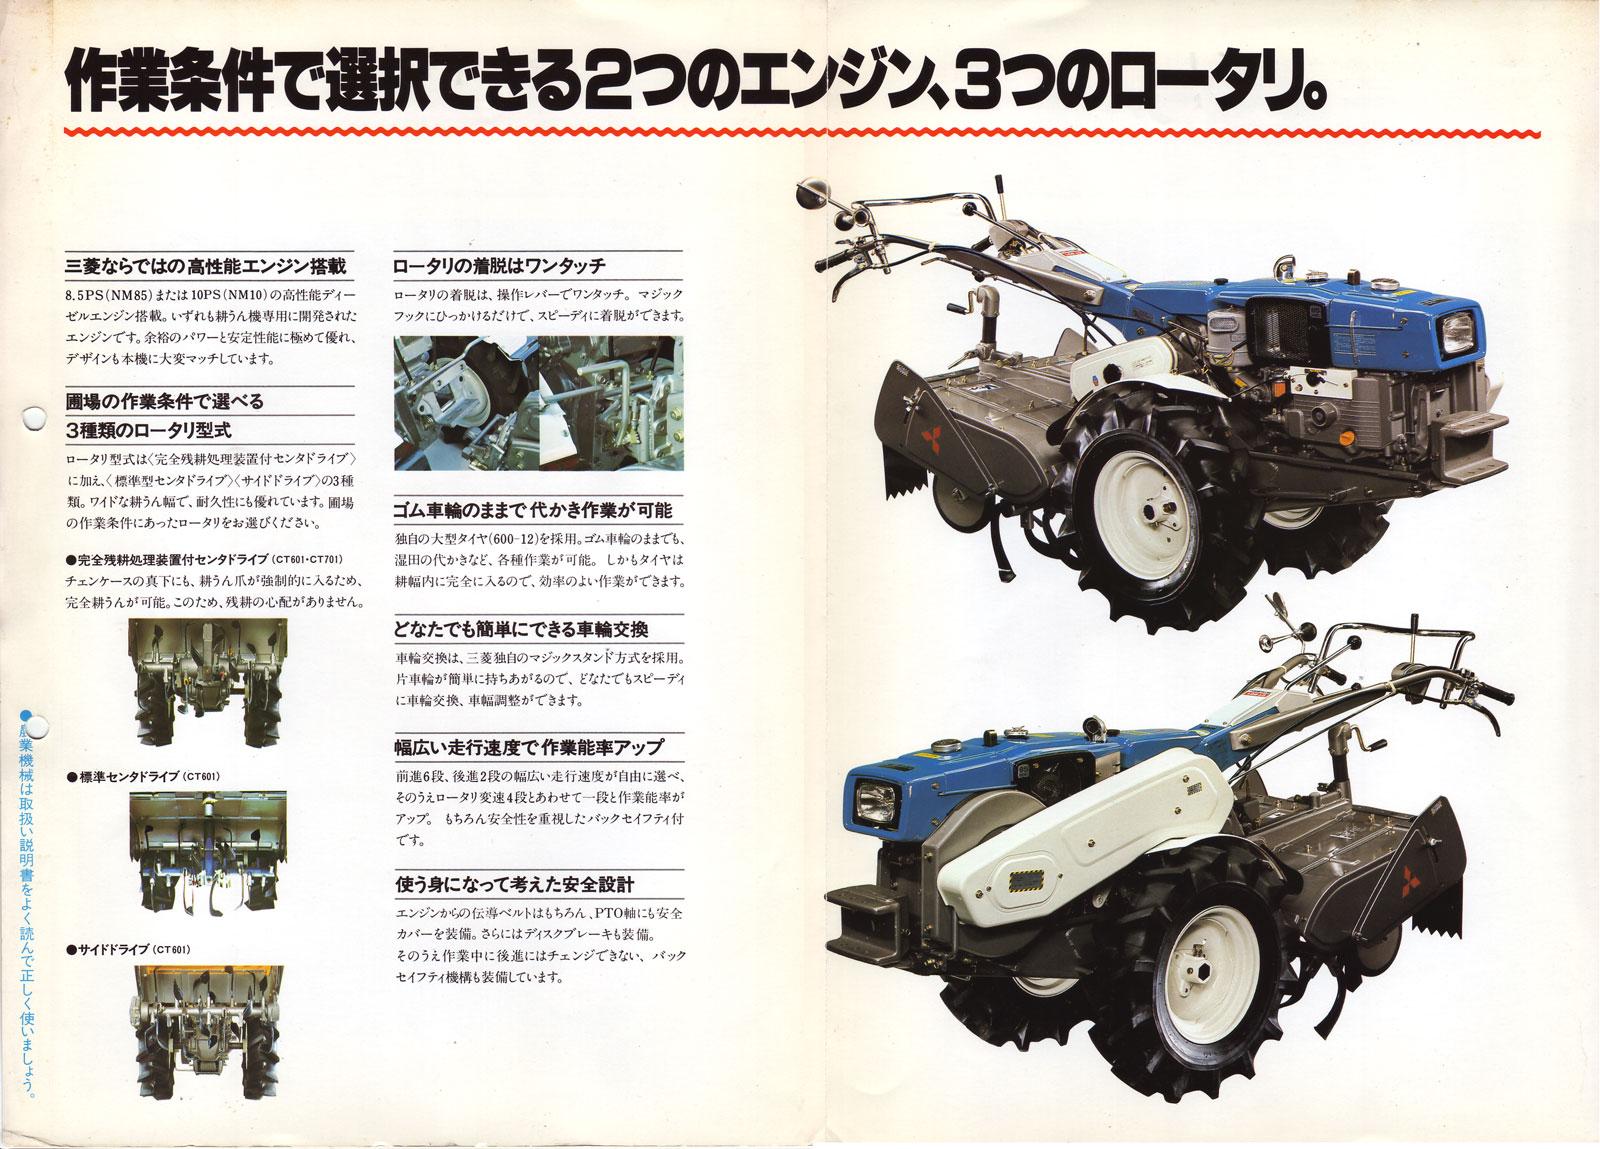 農研機構の登録では1976年となっています。センタードライブとサイドドライブのロータリーが選べるみたいです。しかもそのロータリーは4段変速!